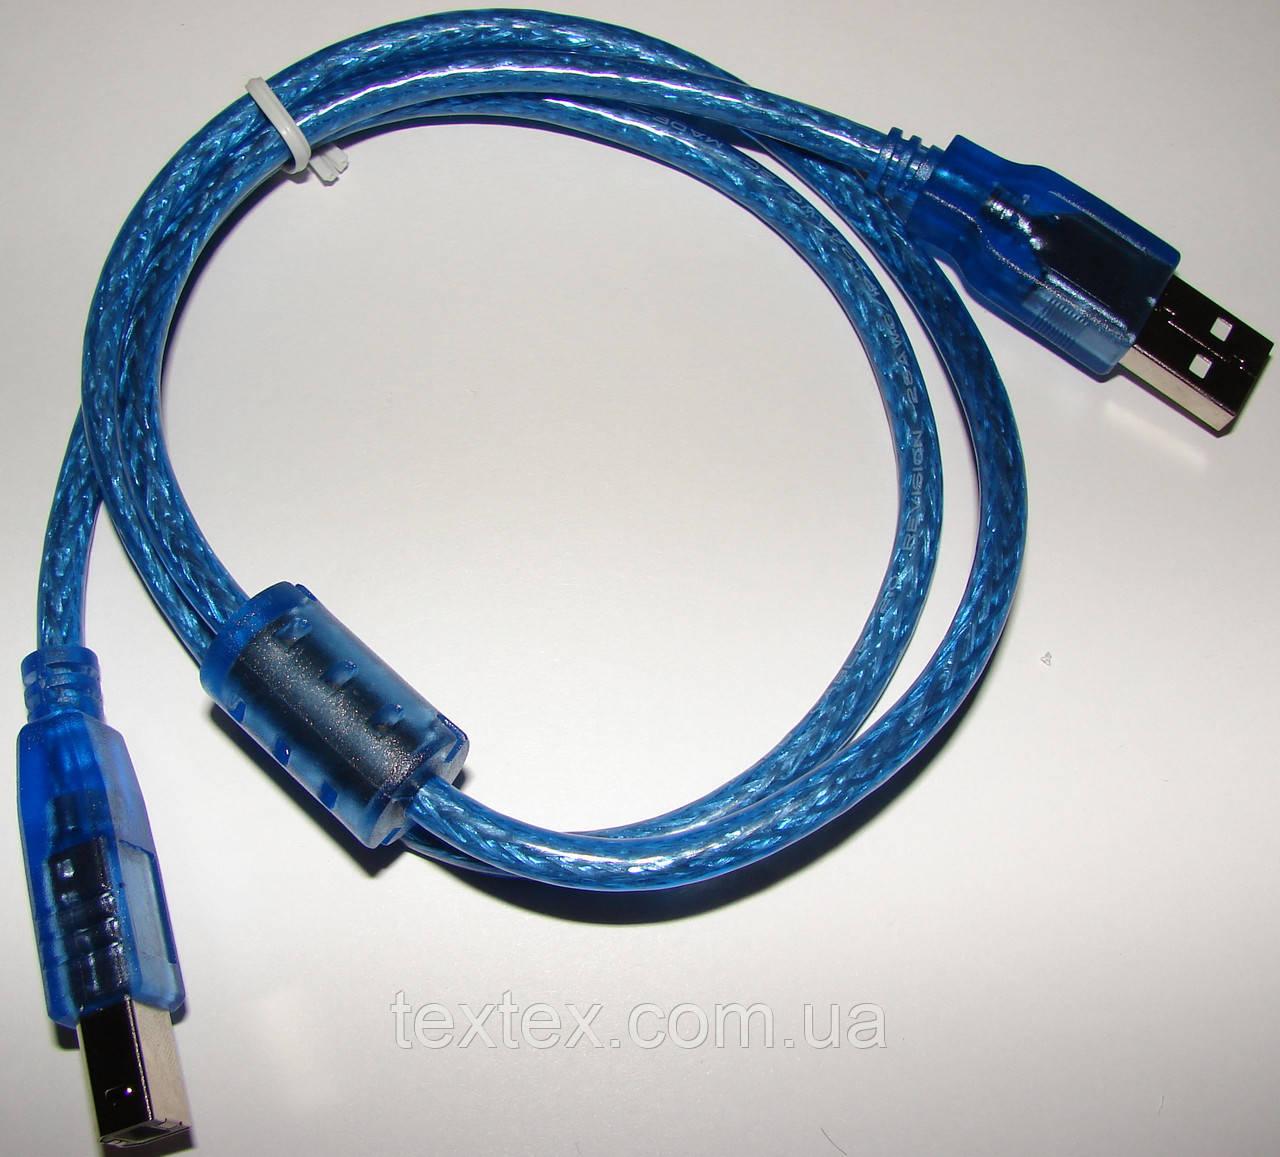 Кабель USB 2.0 A/B экранированный c фильтрами длина 3 м